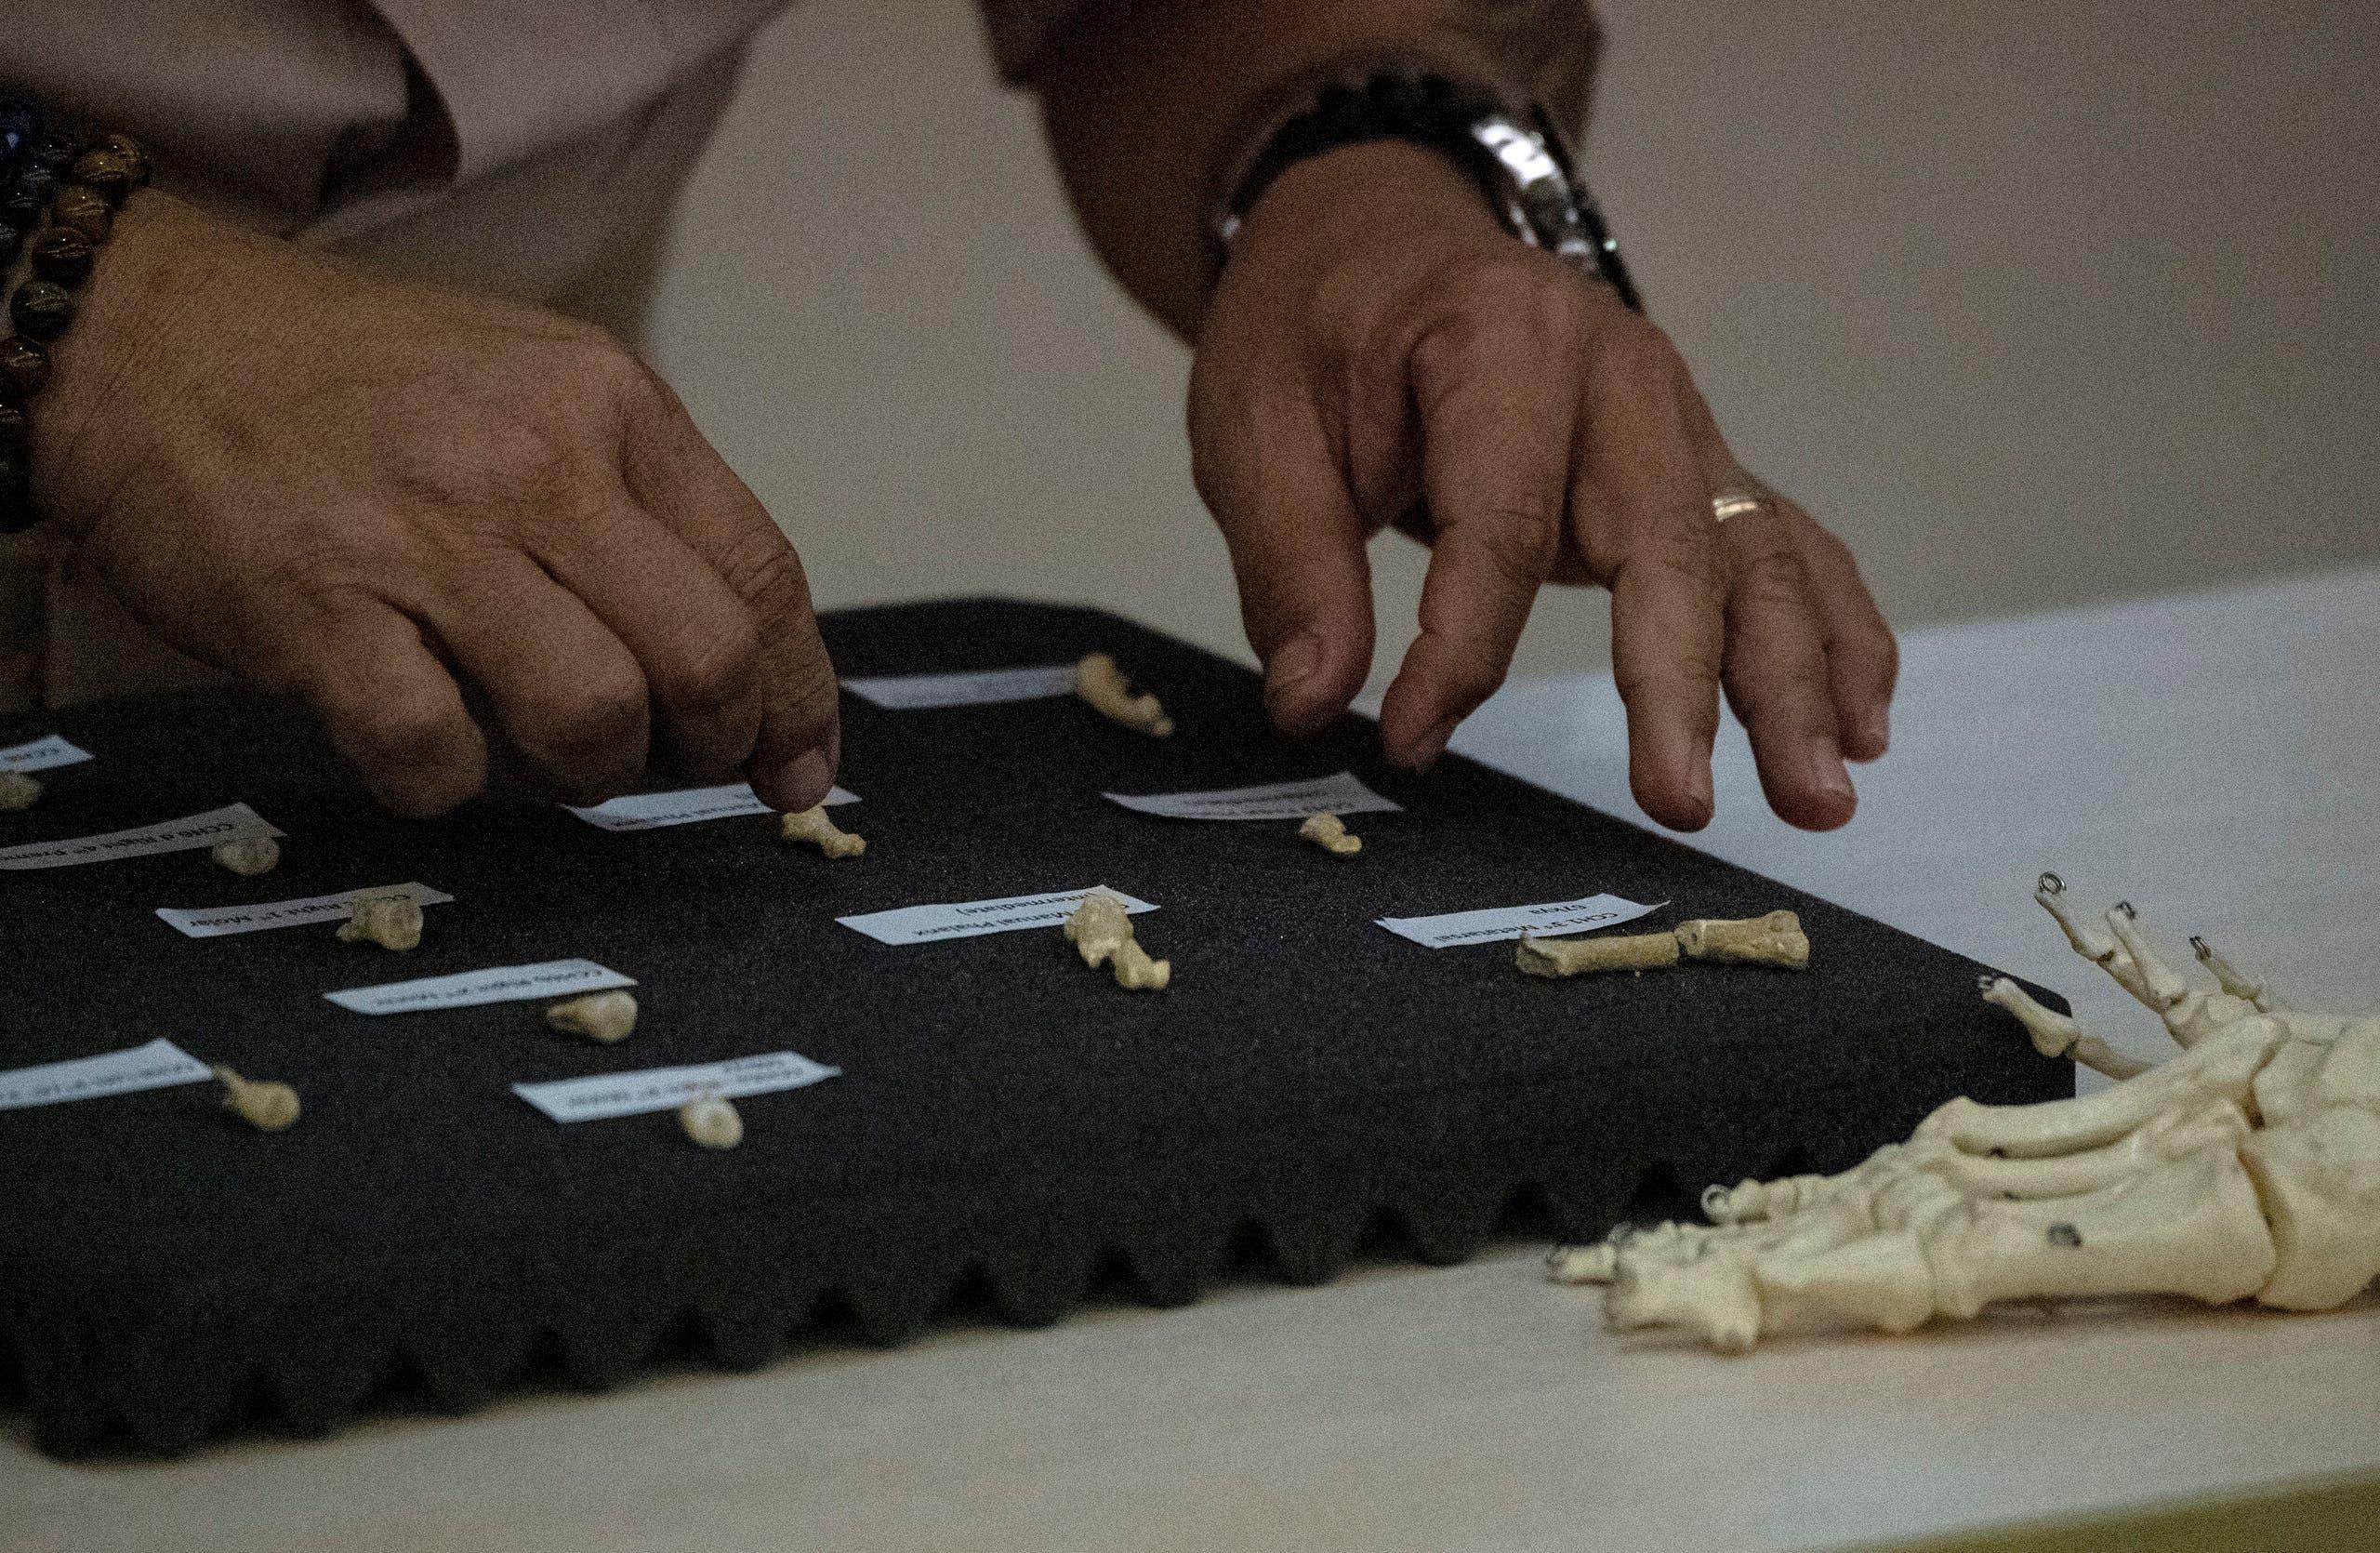 اكتشاف نوع جديد من الكائنات البشرية عاش في الفلبين